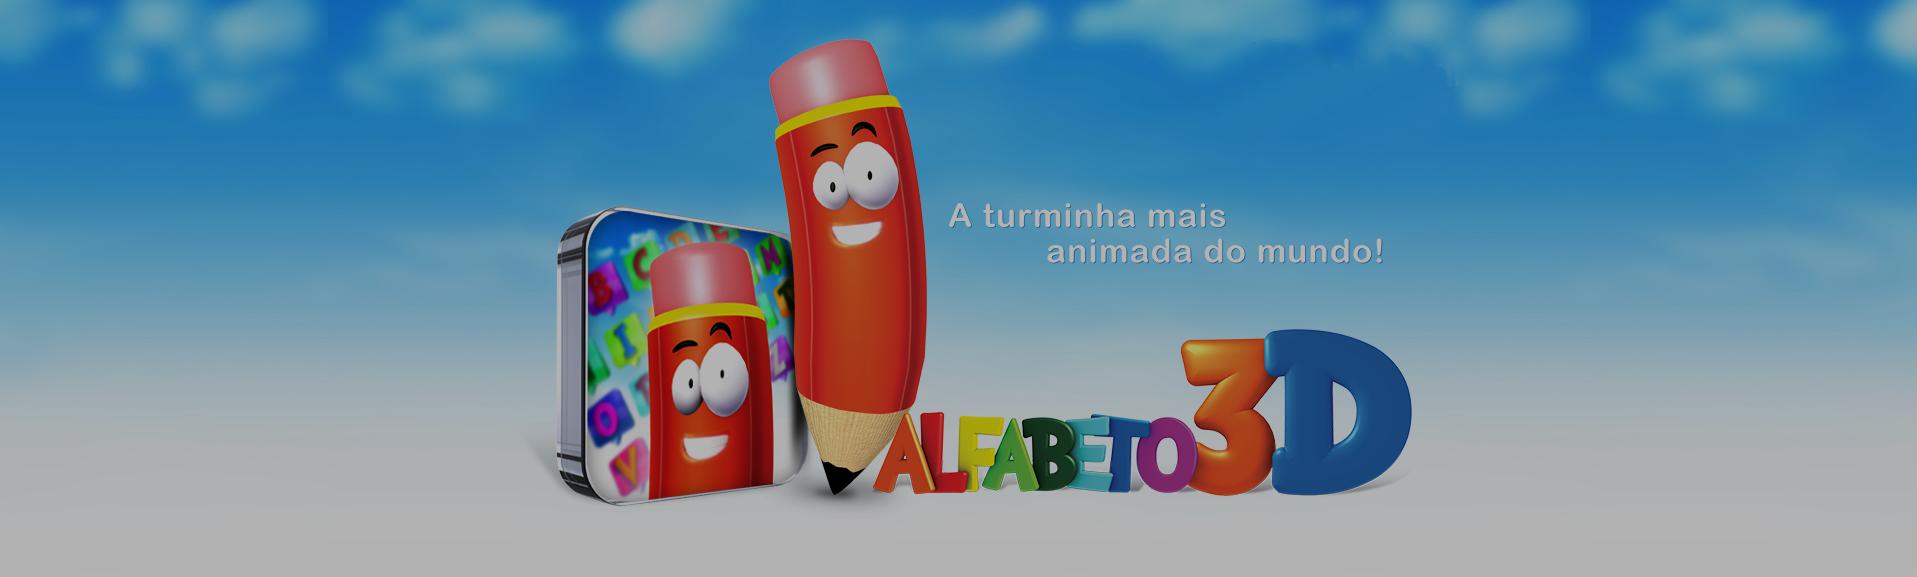 Alfabeto3D